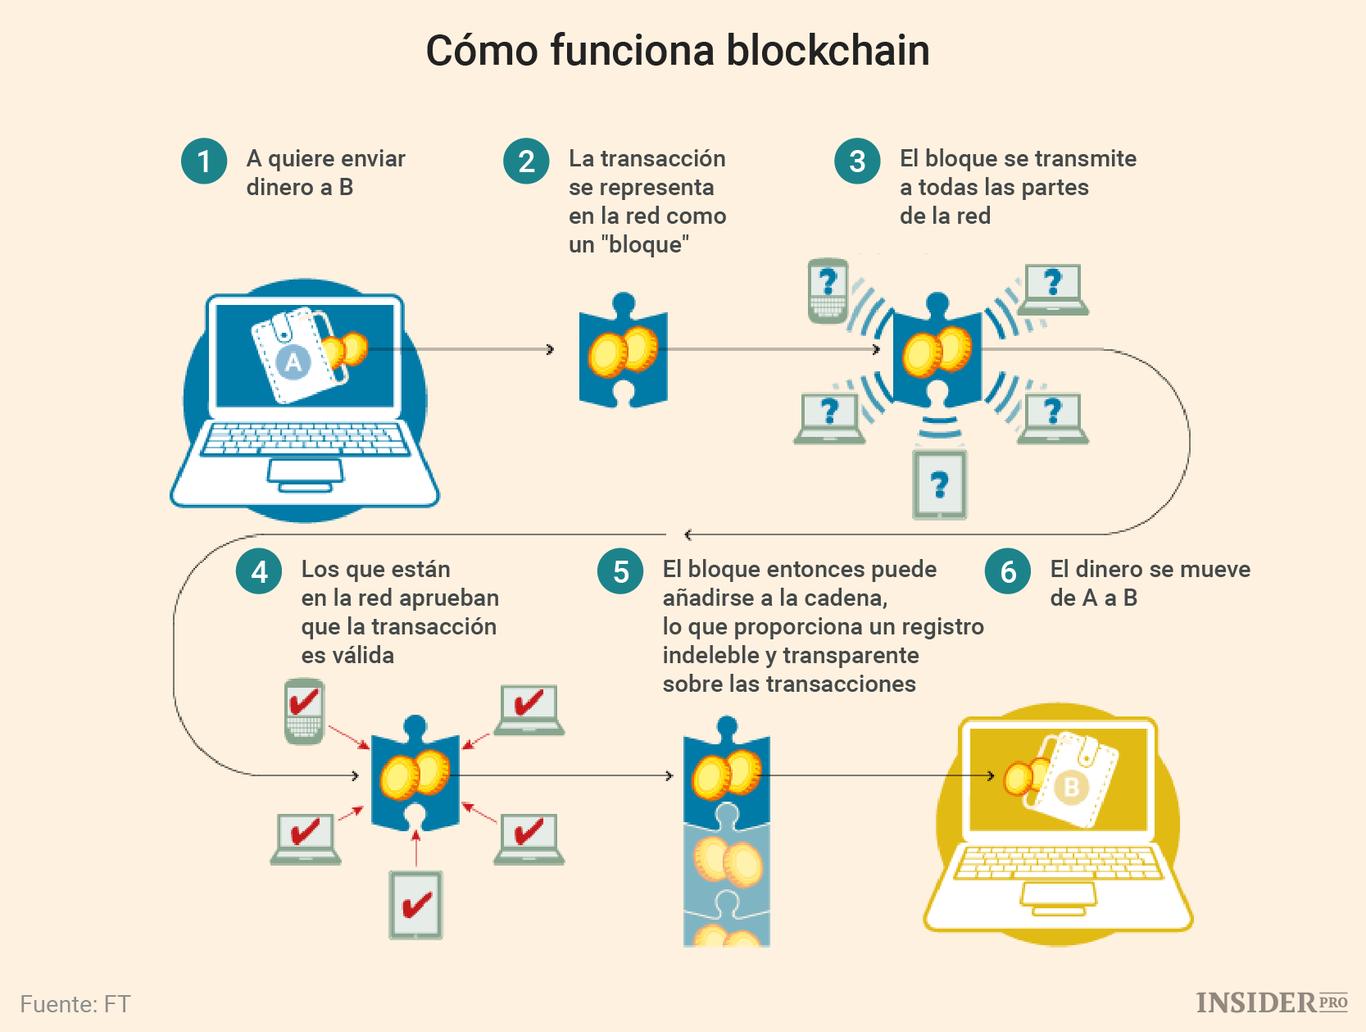 Funcionamiento blockchain